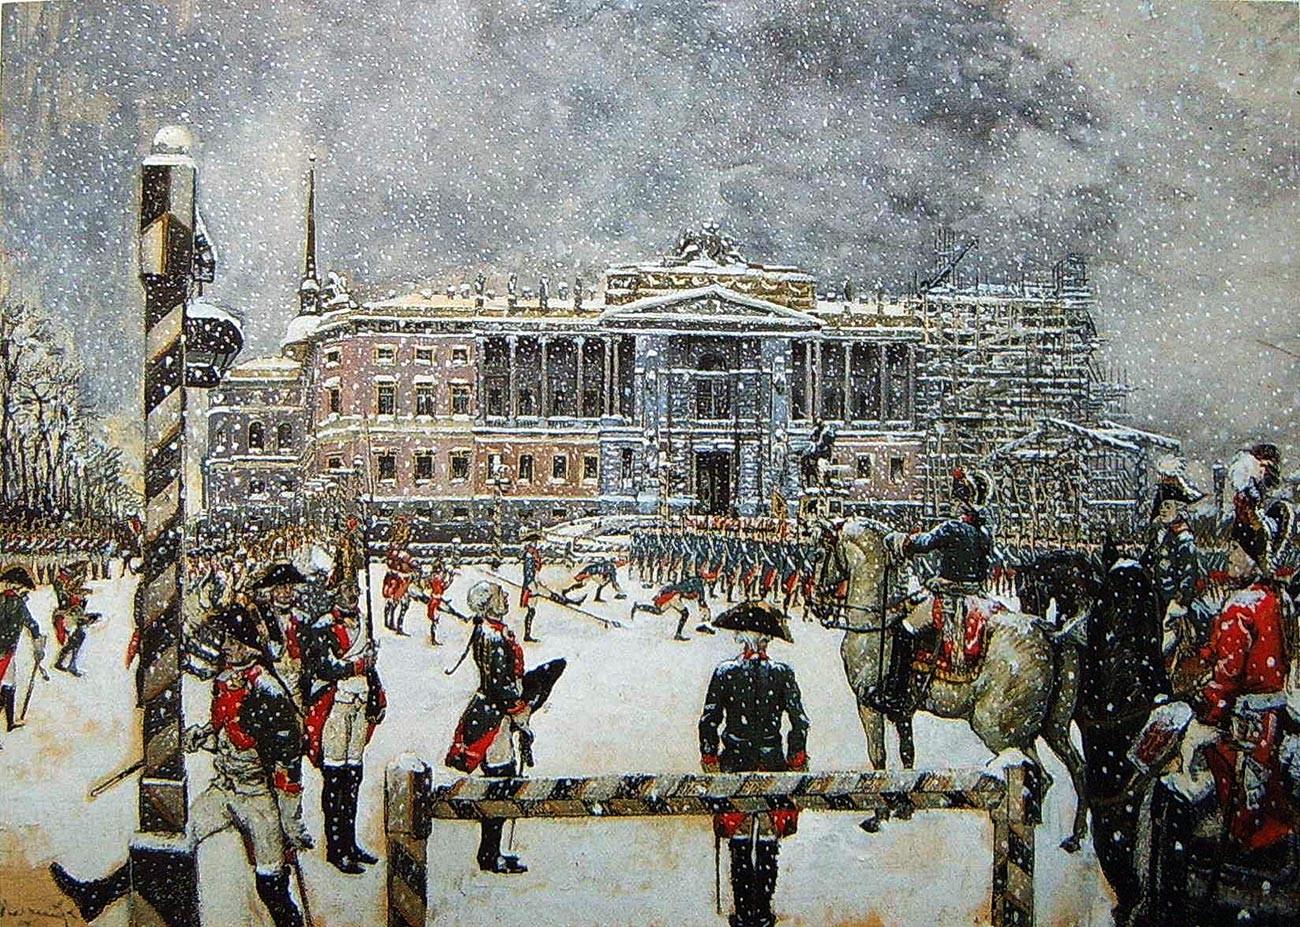 'Parade pada masa pemerintahan Pavel I dari Rusia' karya Alexander Benois.